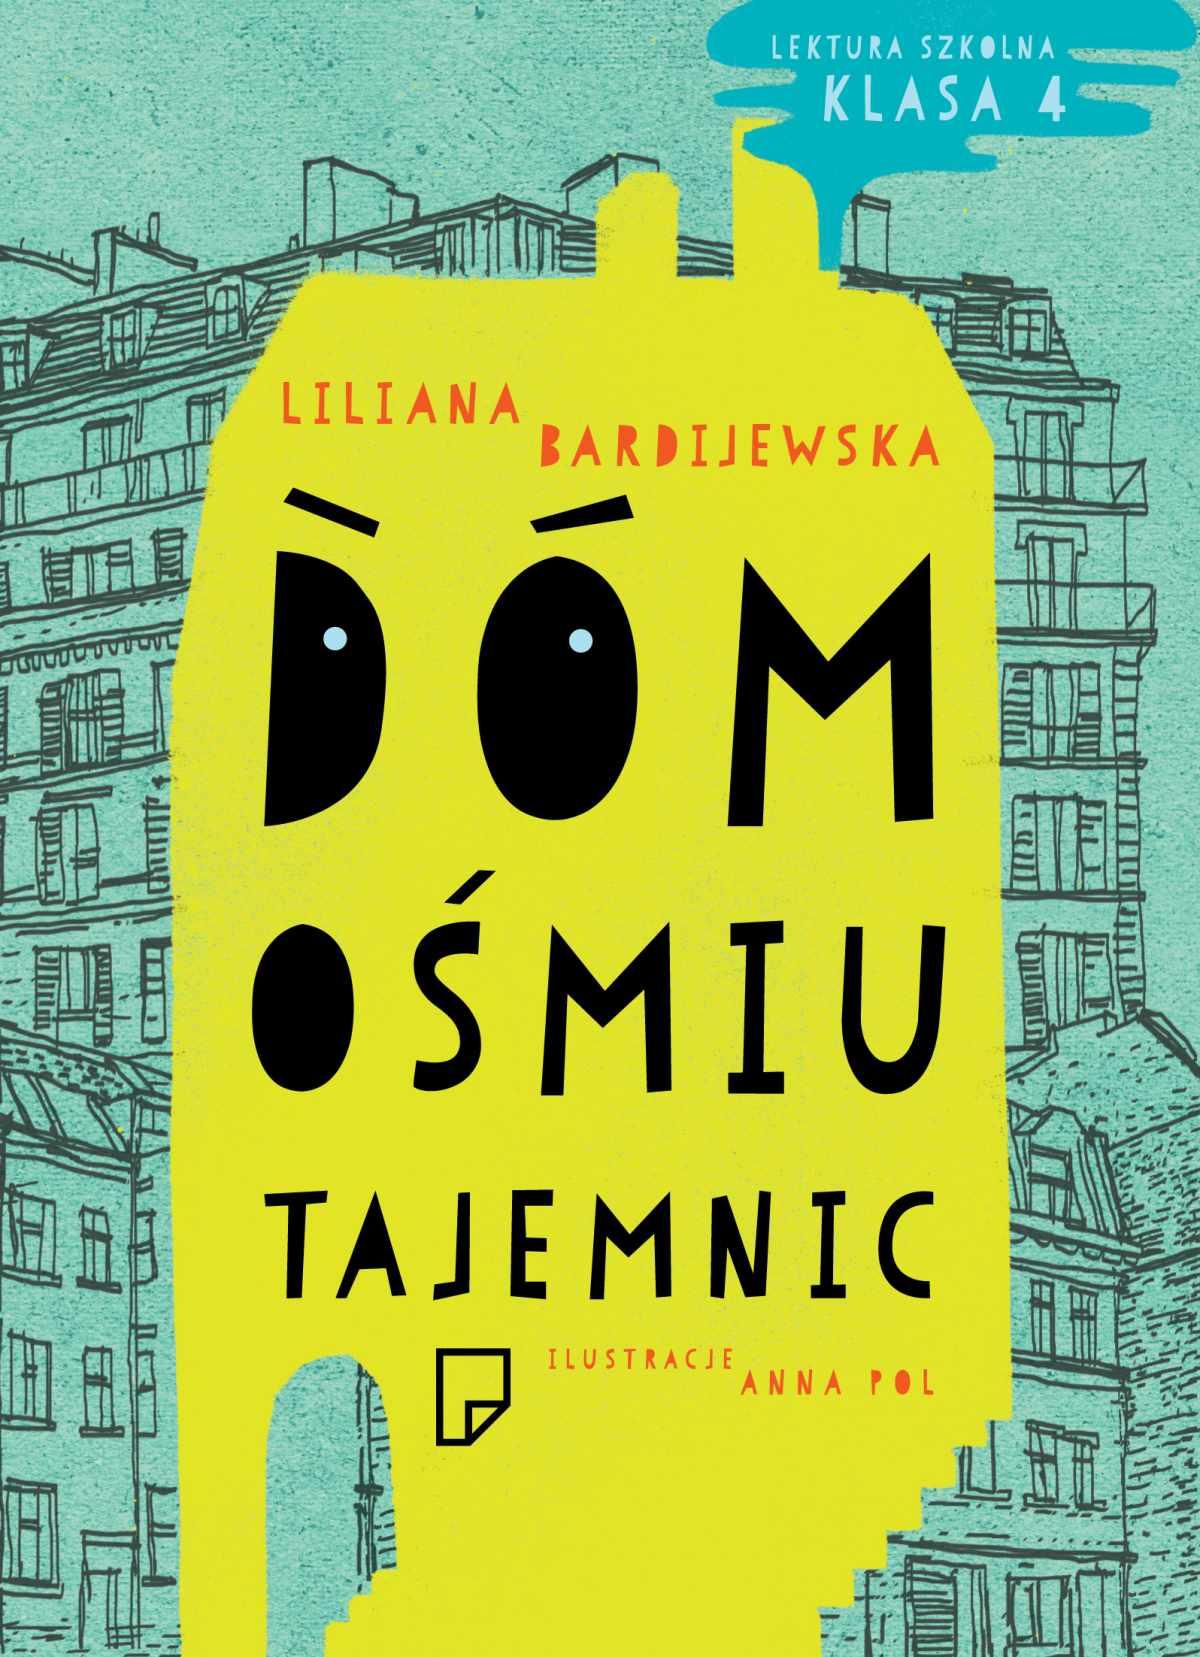 Dom ośmiu tajemnic - Tylko w Legimi możesz przeczytać ten tytuł przez 7 dni za darmo. - Liliana Bardijewska